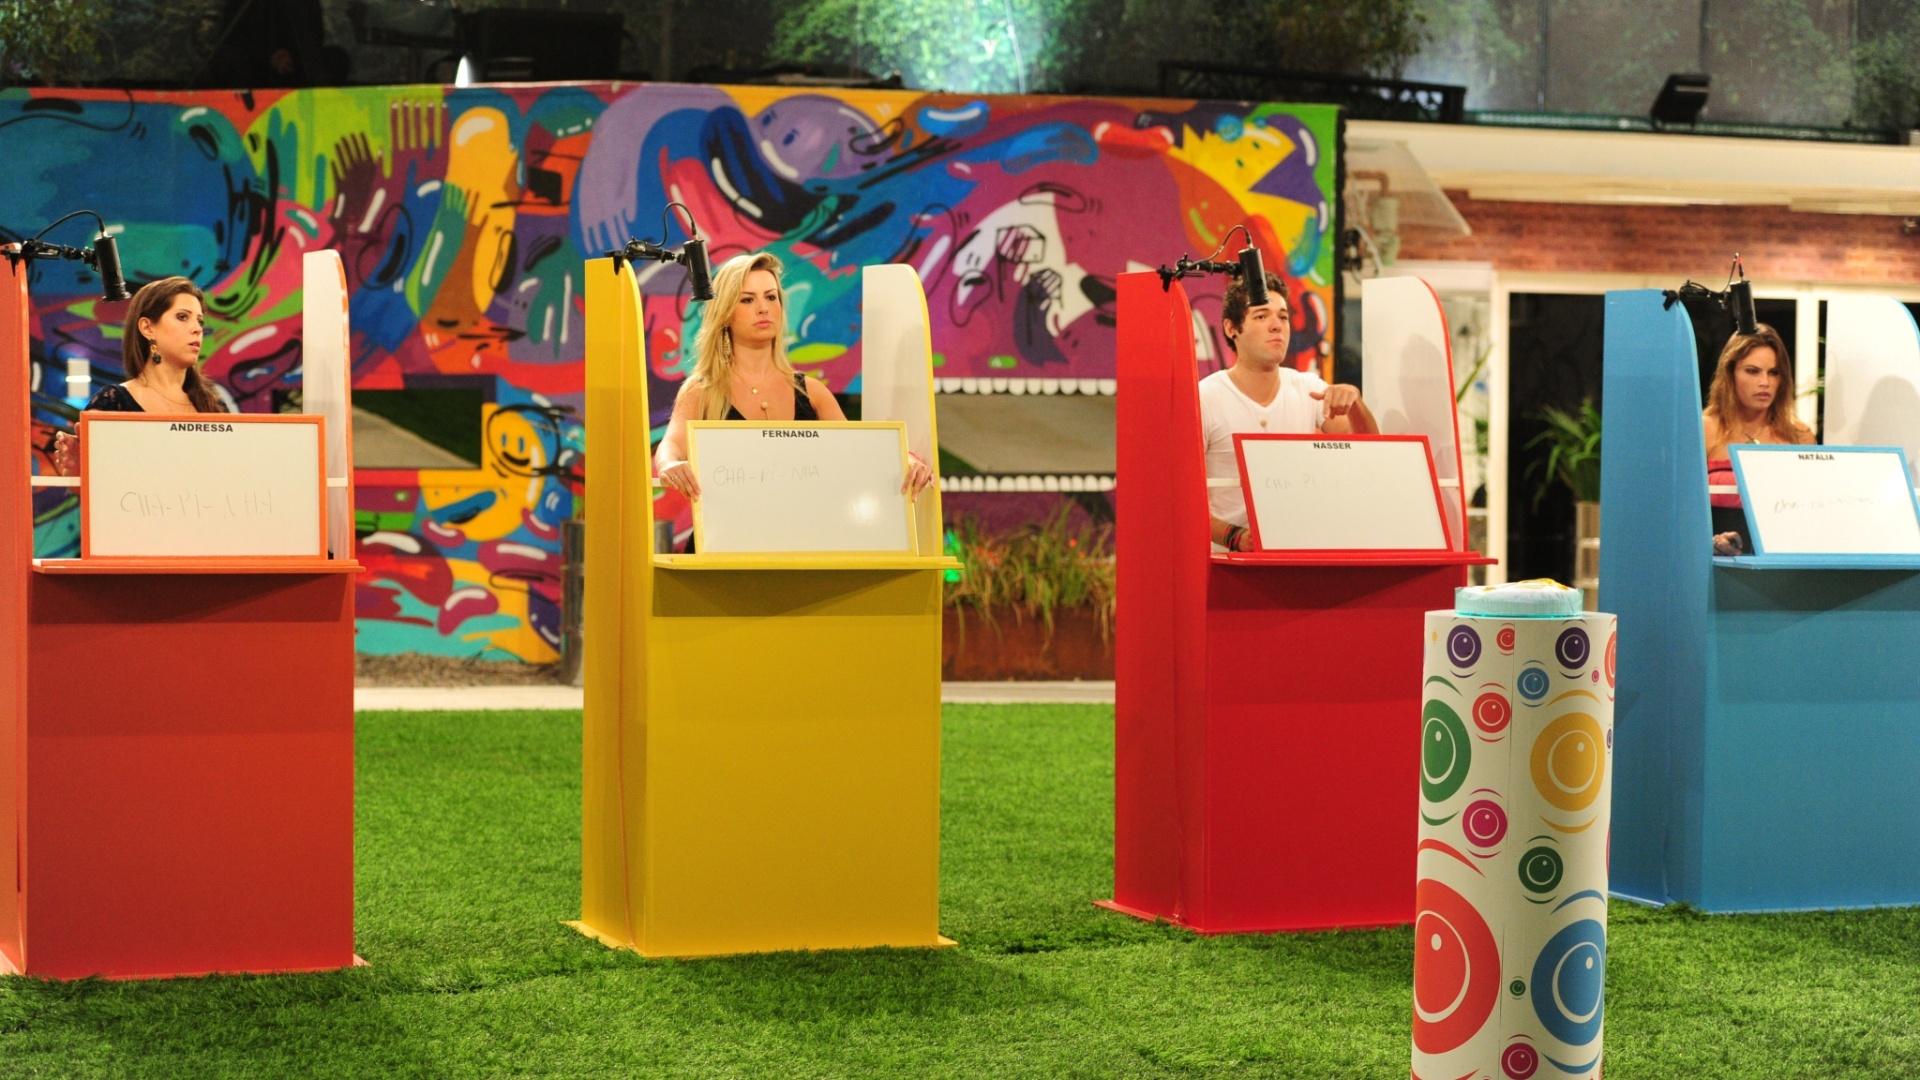 17.mar.2013 - Natália, Nasser, Fernanda e Andressa se posicionam para a prova do líder após a eliminação de Fani